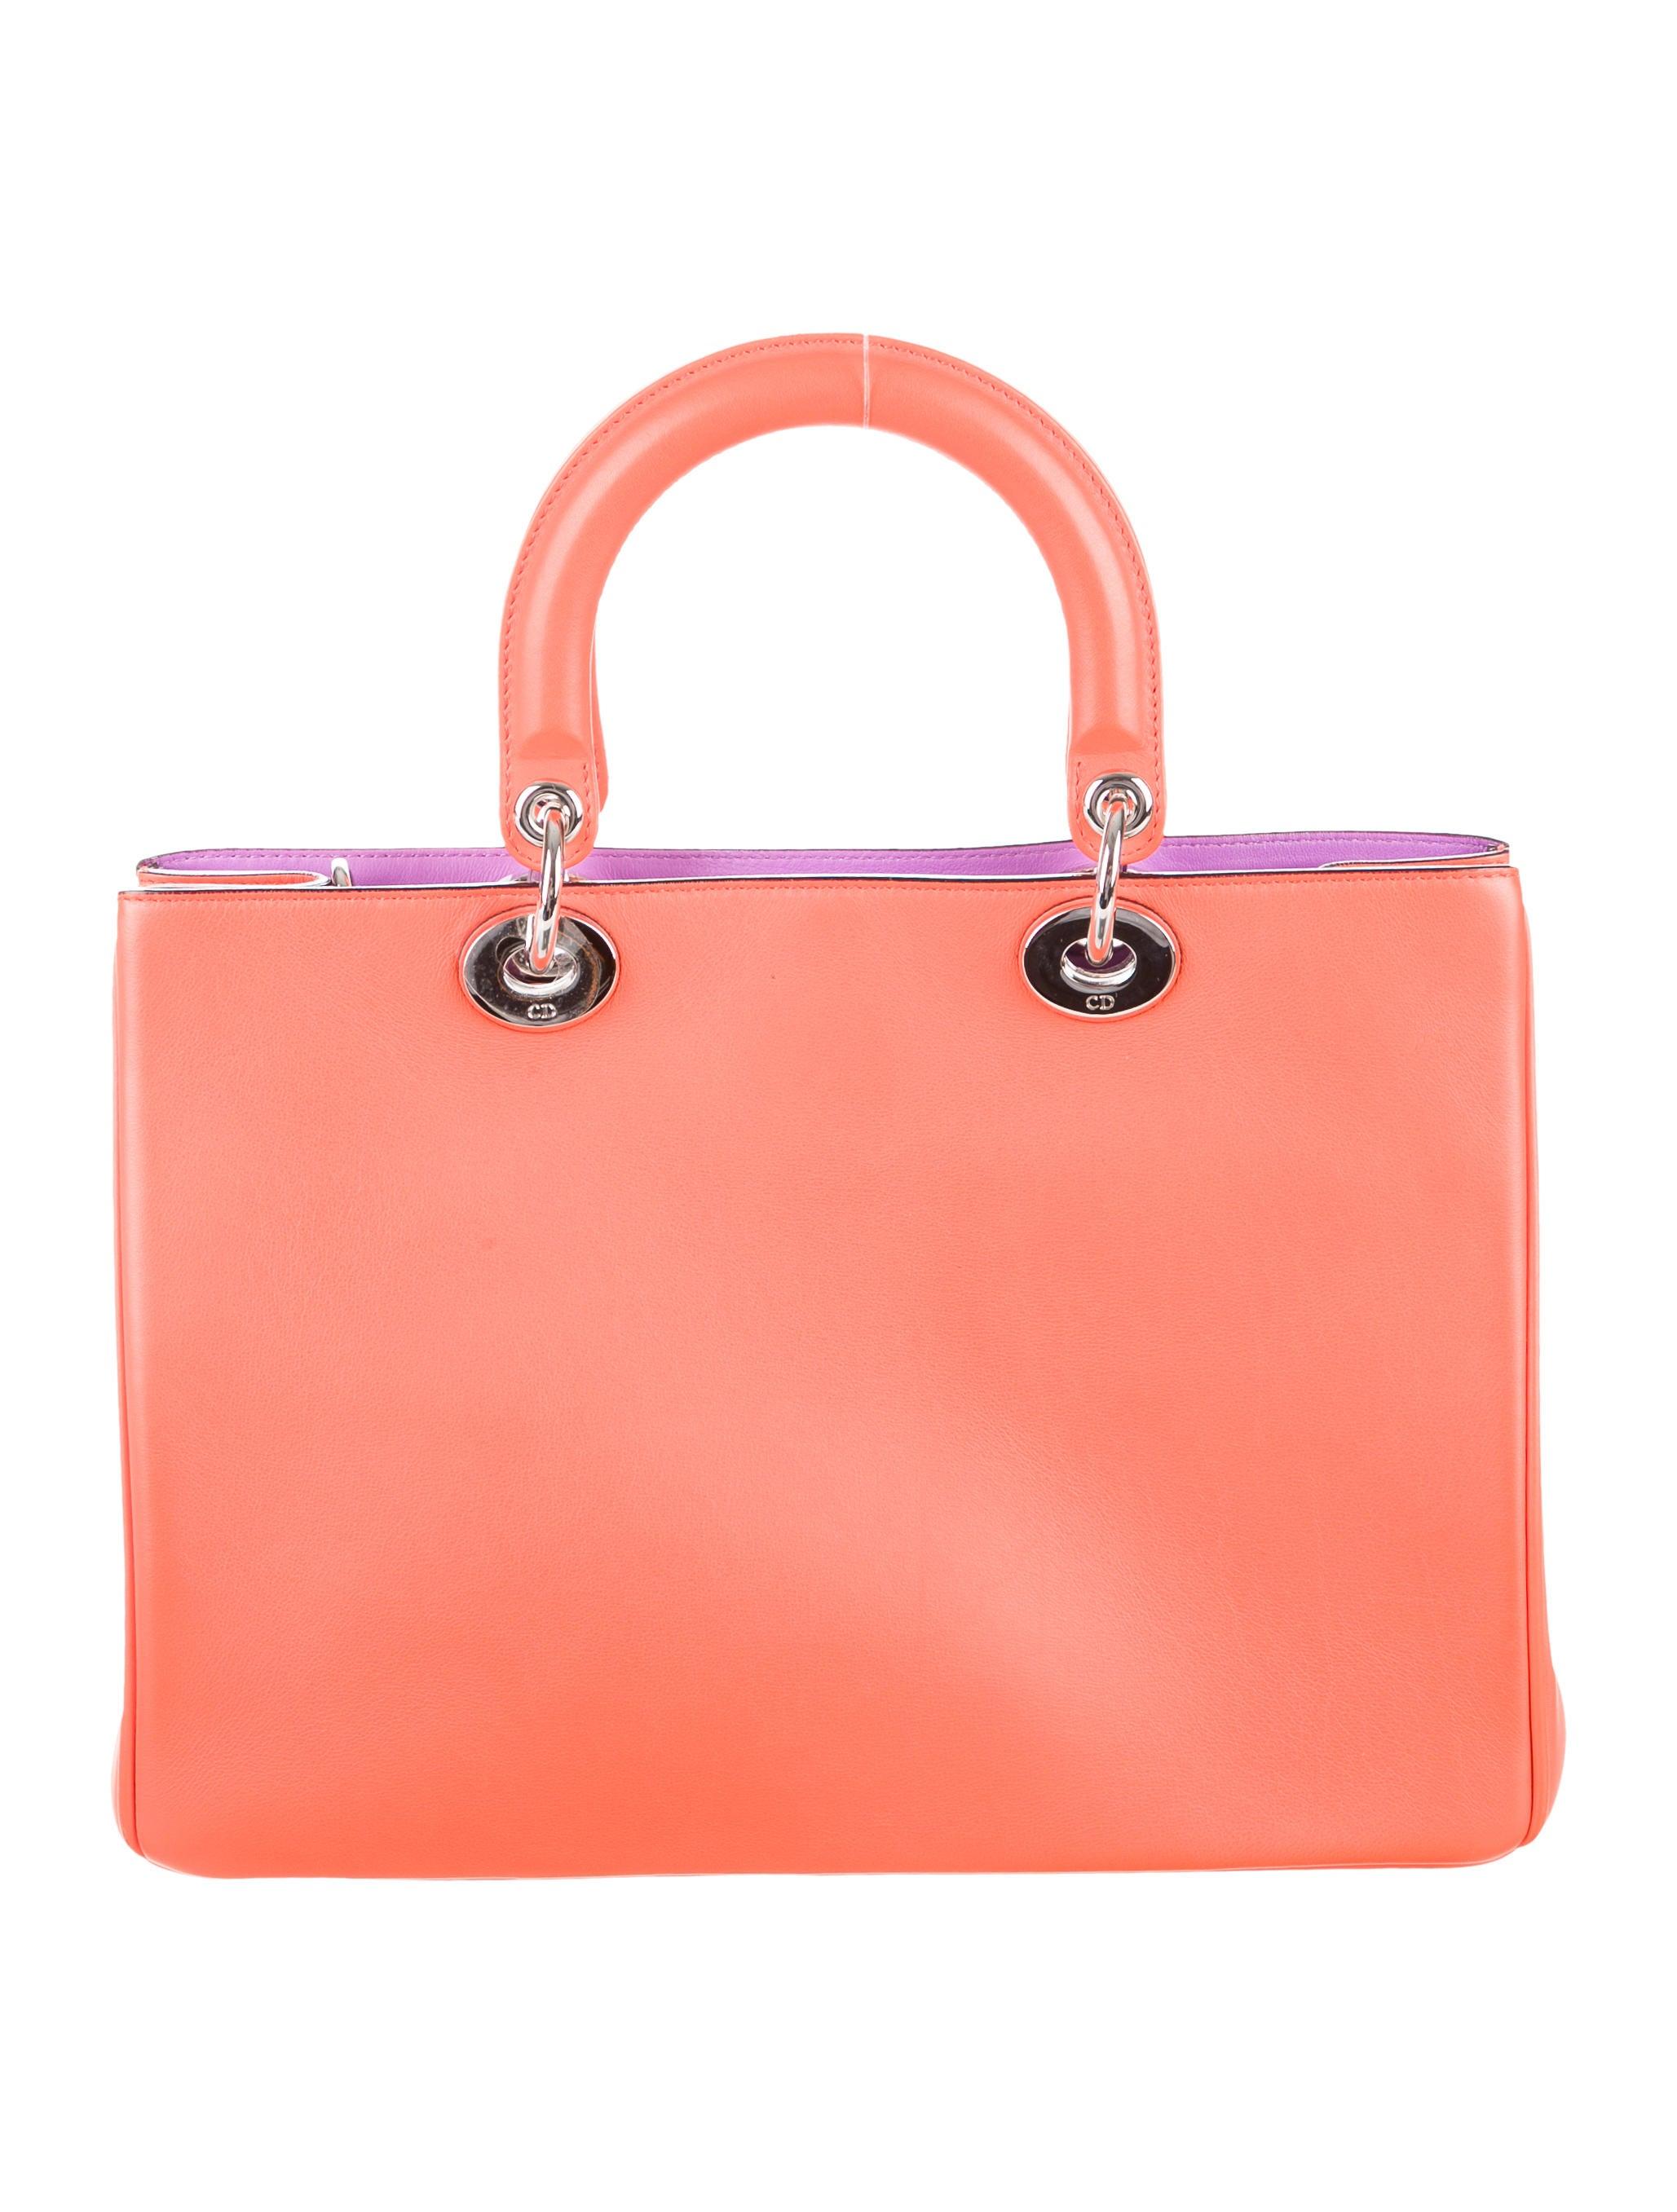 Christian Dior Medium Diorissimo Bag - Handbags - CHR53118 ...